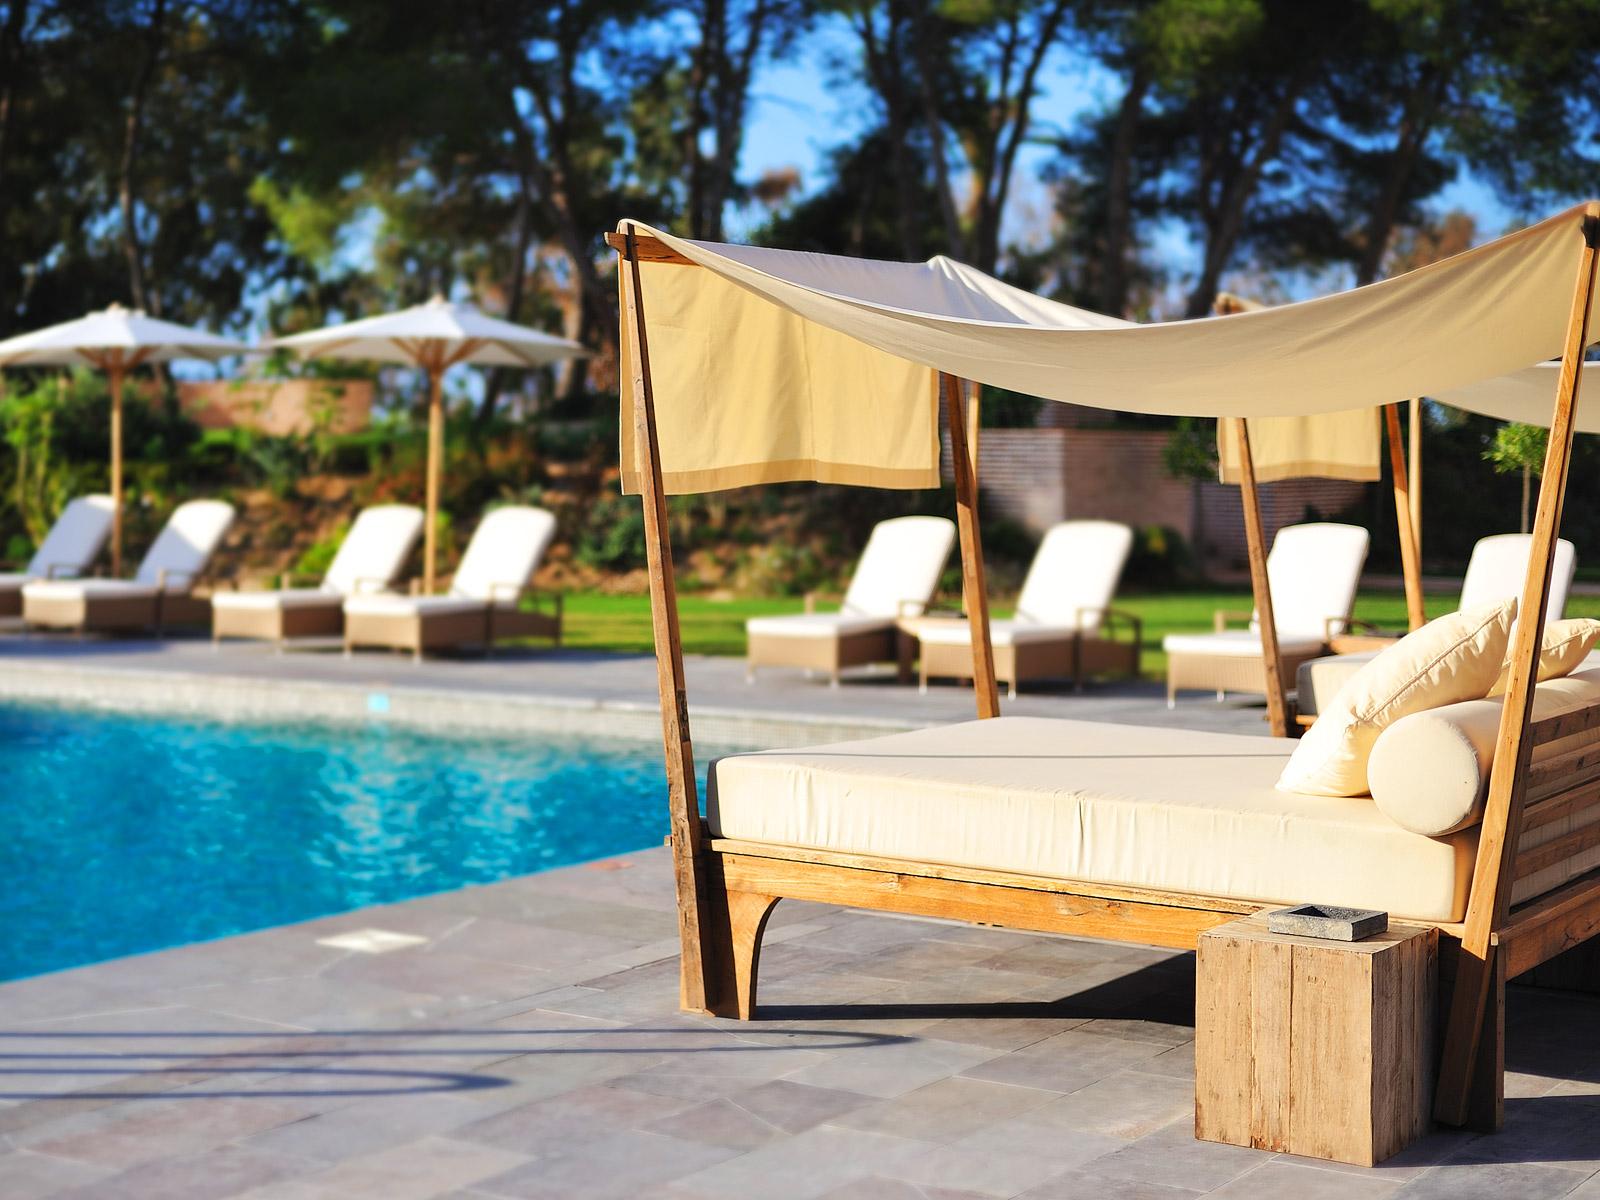 Ofertas Hotel Vincci Estrella del Mar - Alójate 7 noches y ahorra